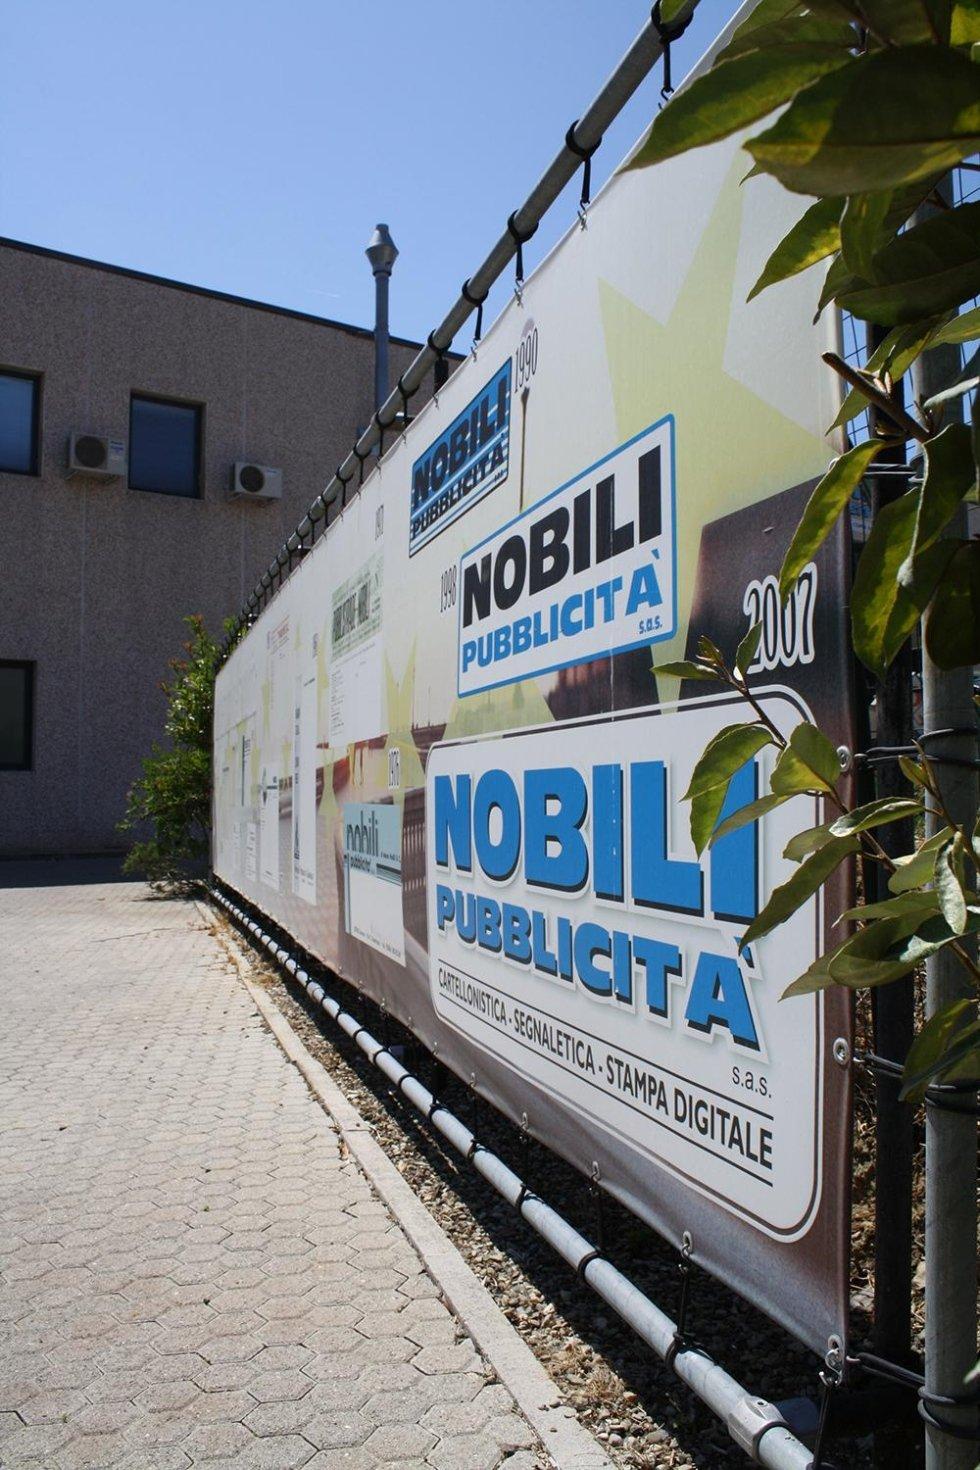 un cartellone con scritto Nobili pubblicità